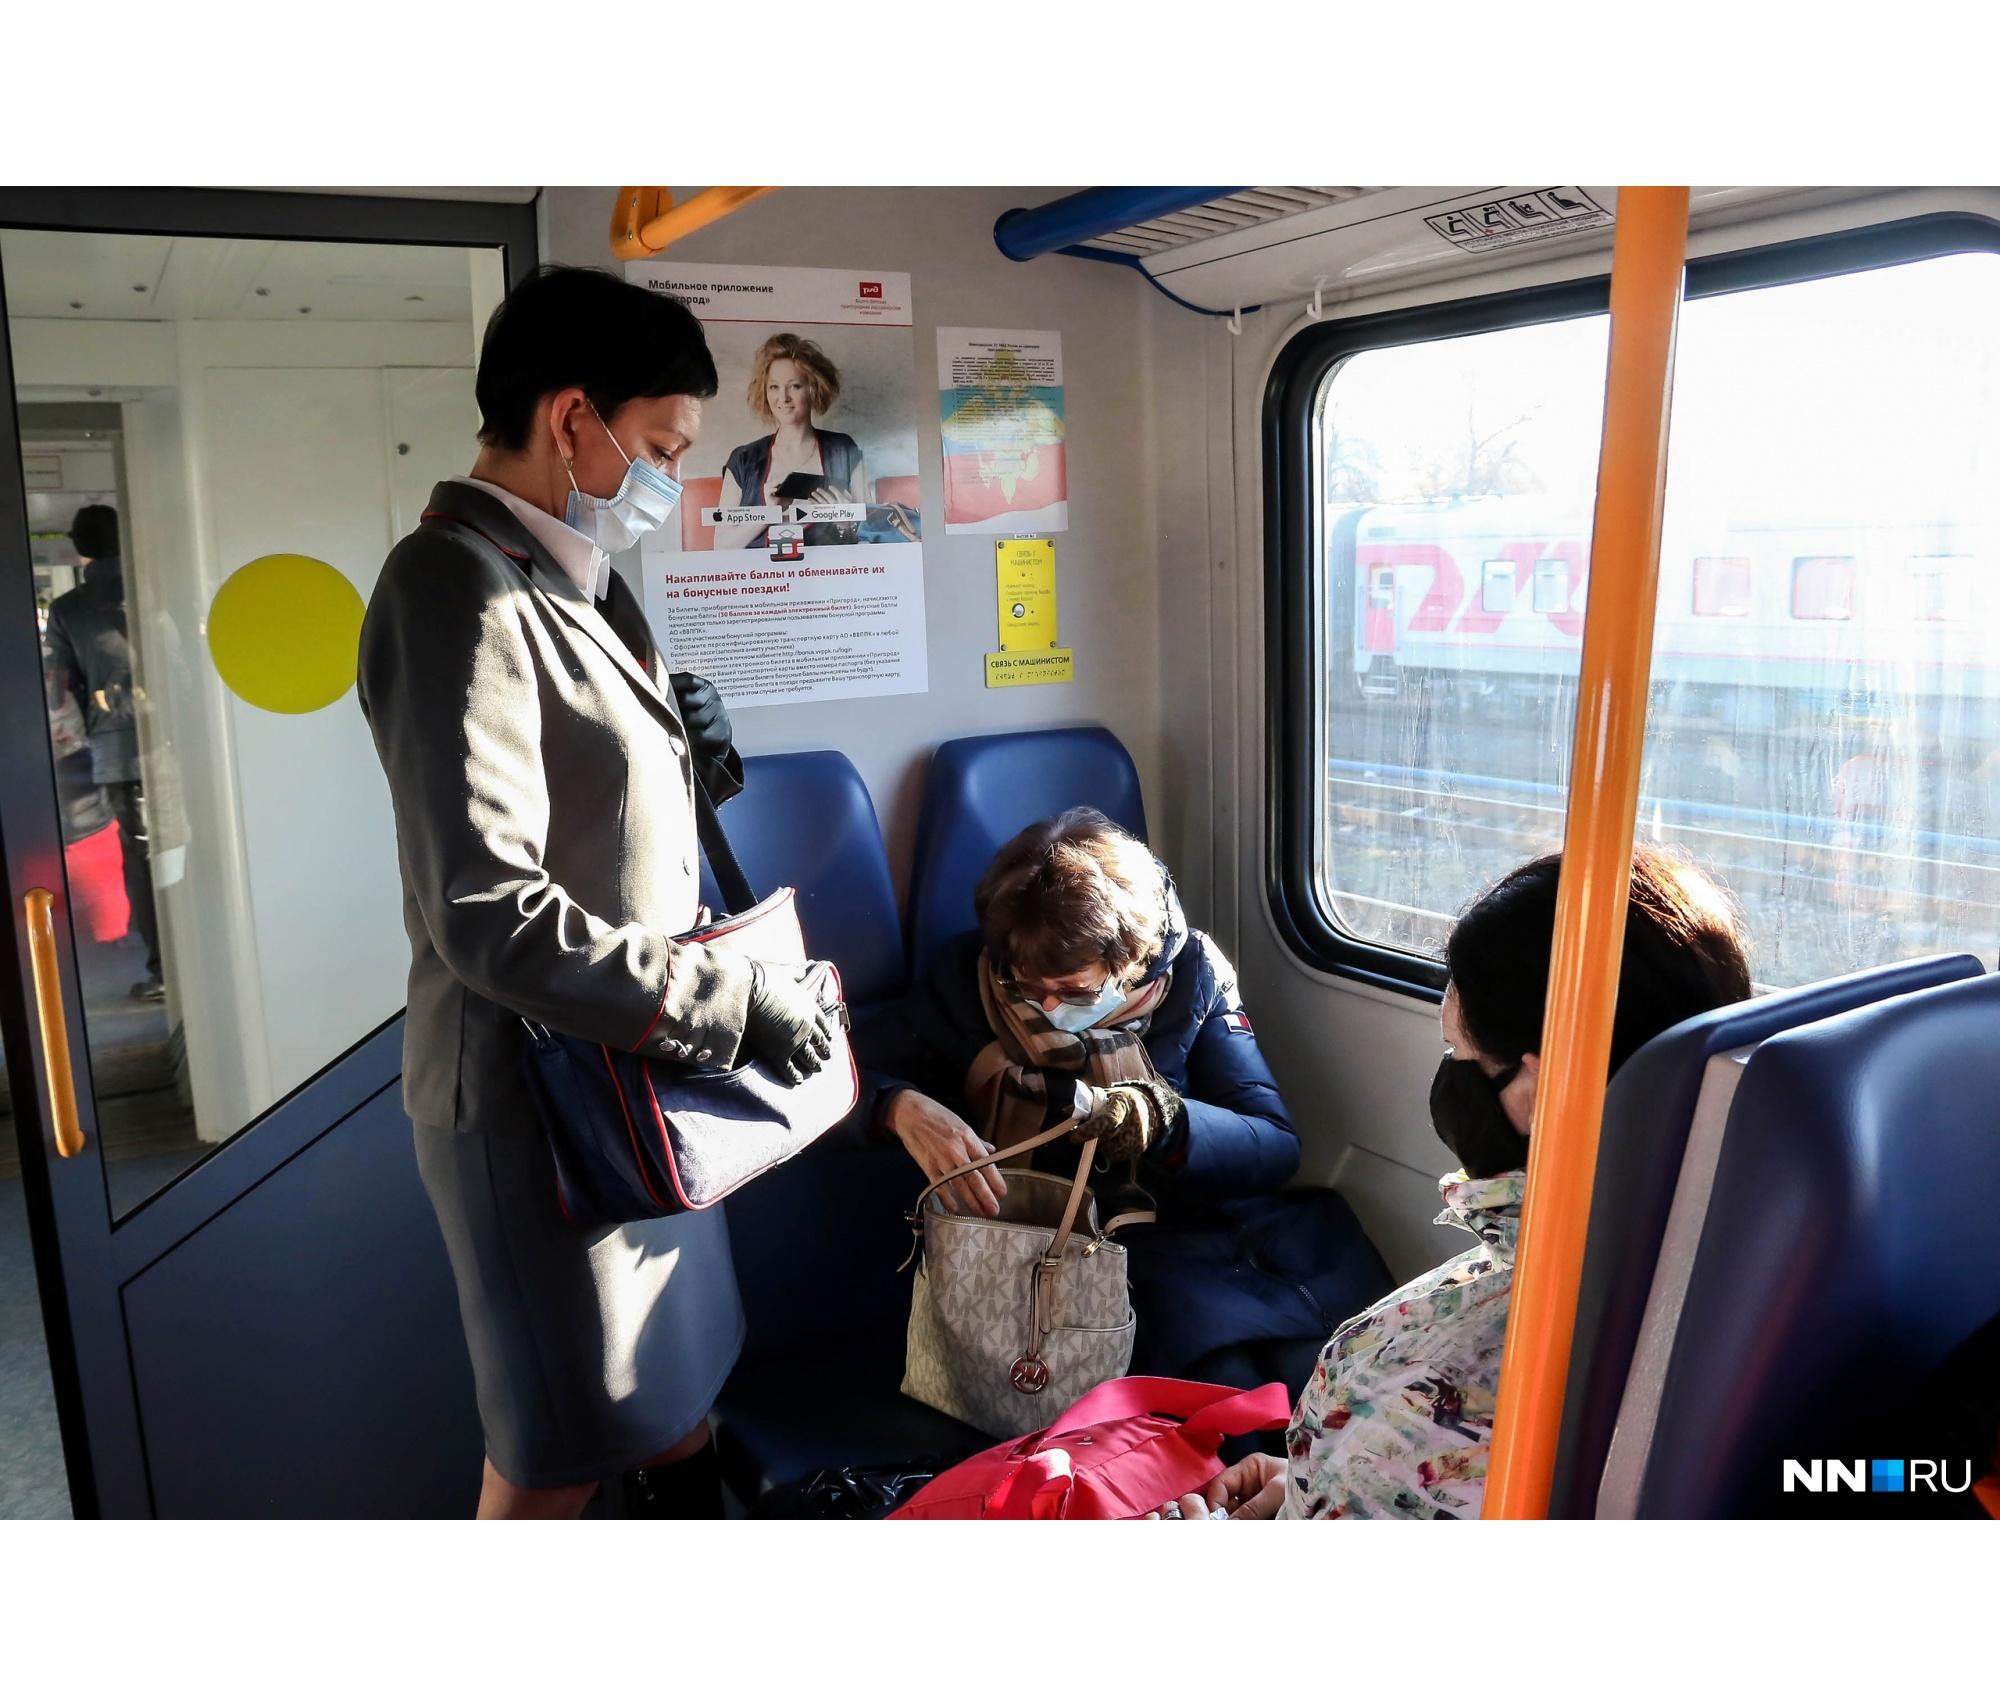 Ознакомиться с точным расписанием поездов можно на сайтах РЖД и «Волго-Вятскойпригородной пассажирской компании»